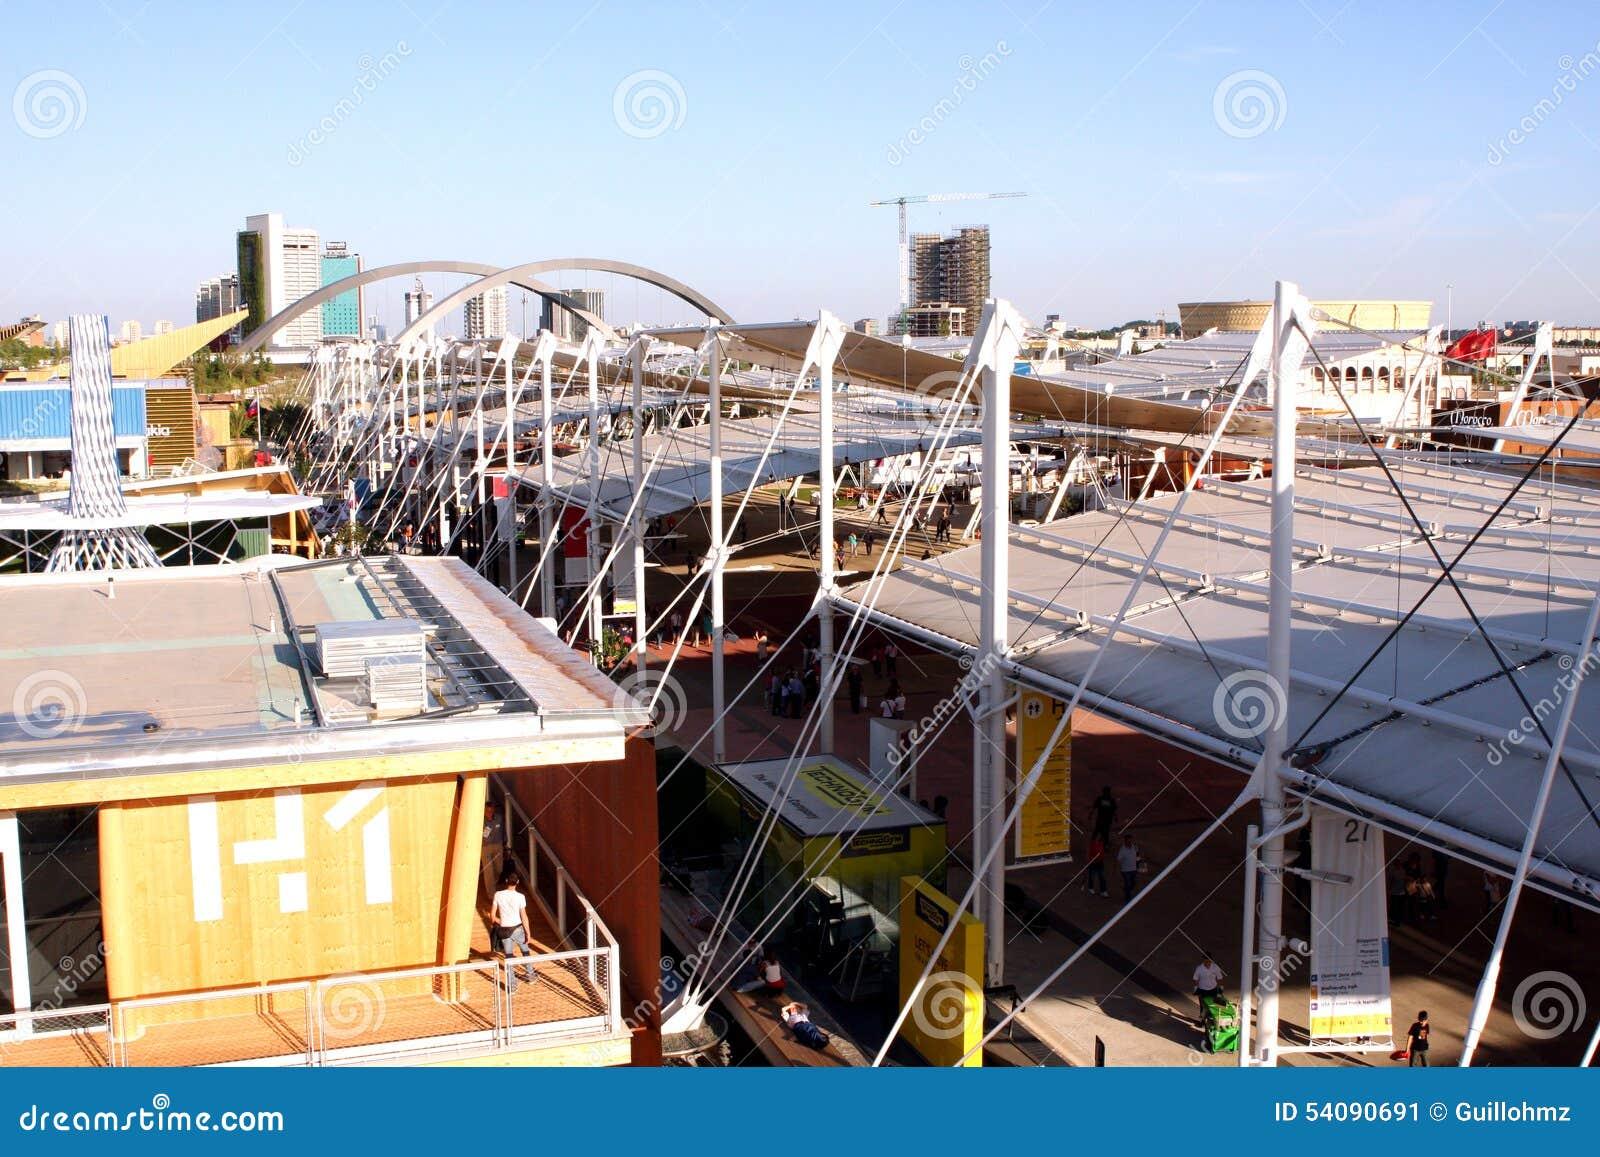 Milaan Expo 2015